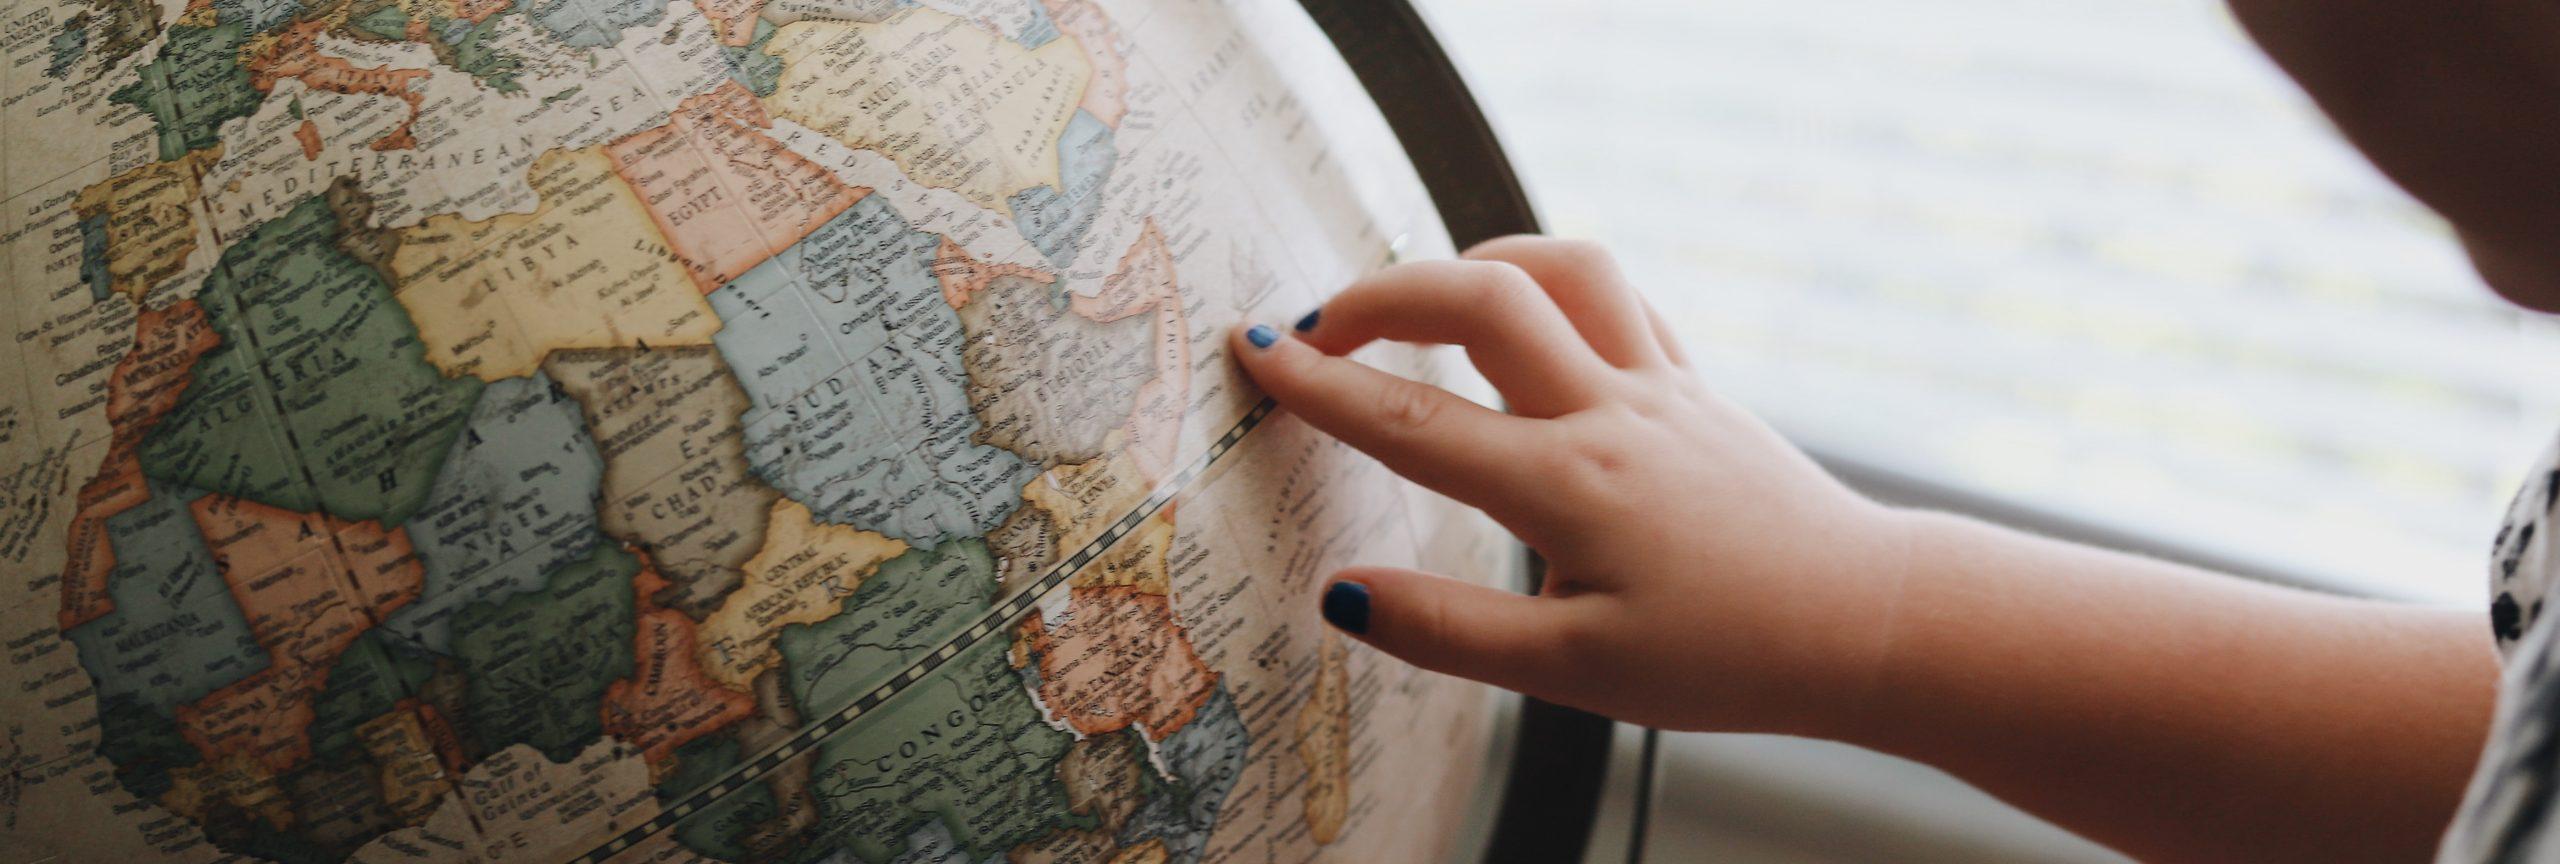 rondreizen - wereldbol  - De Planeet Reizen